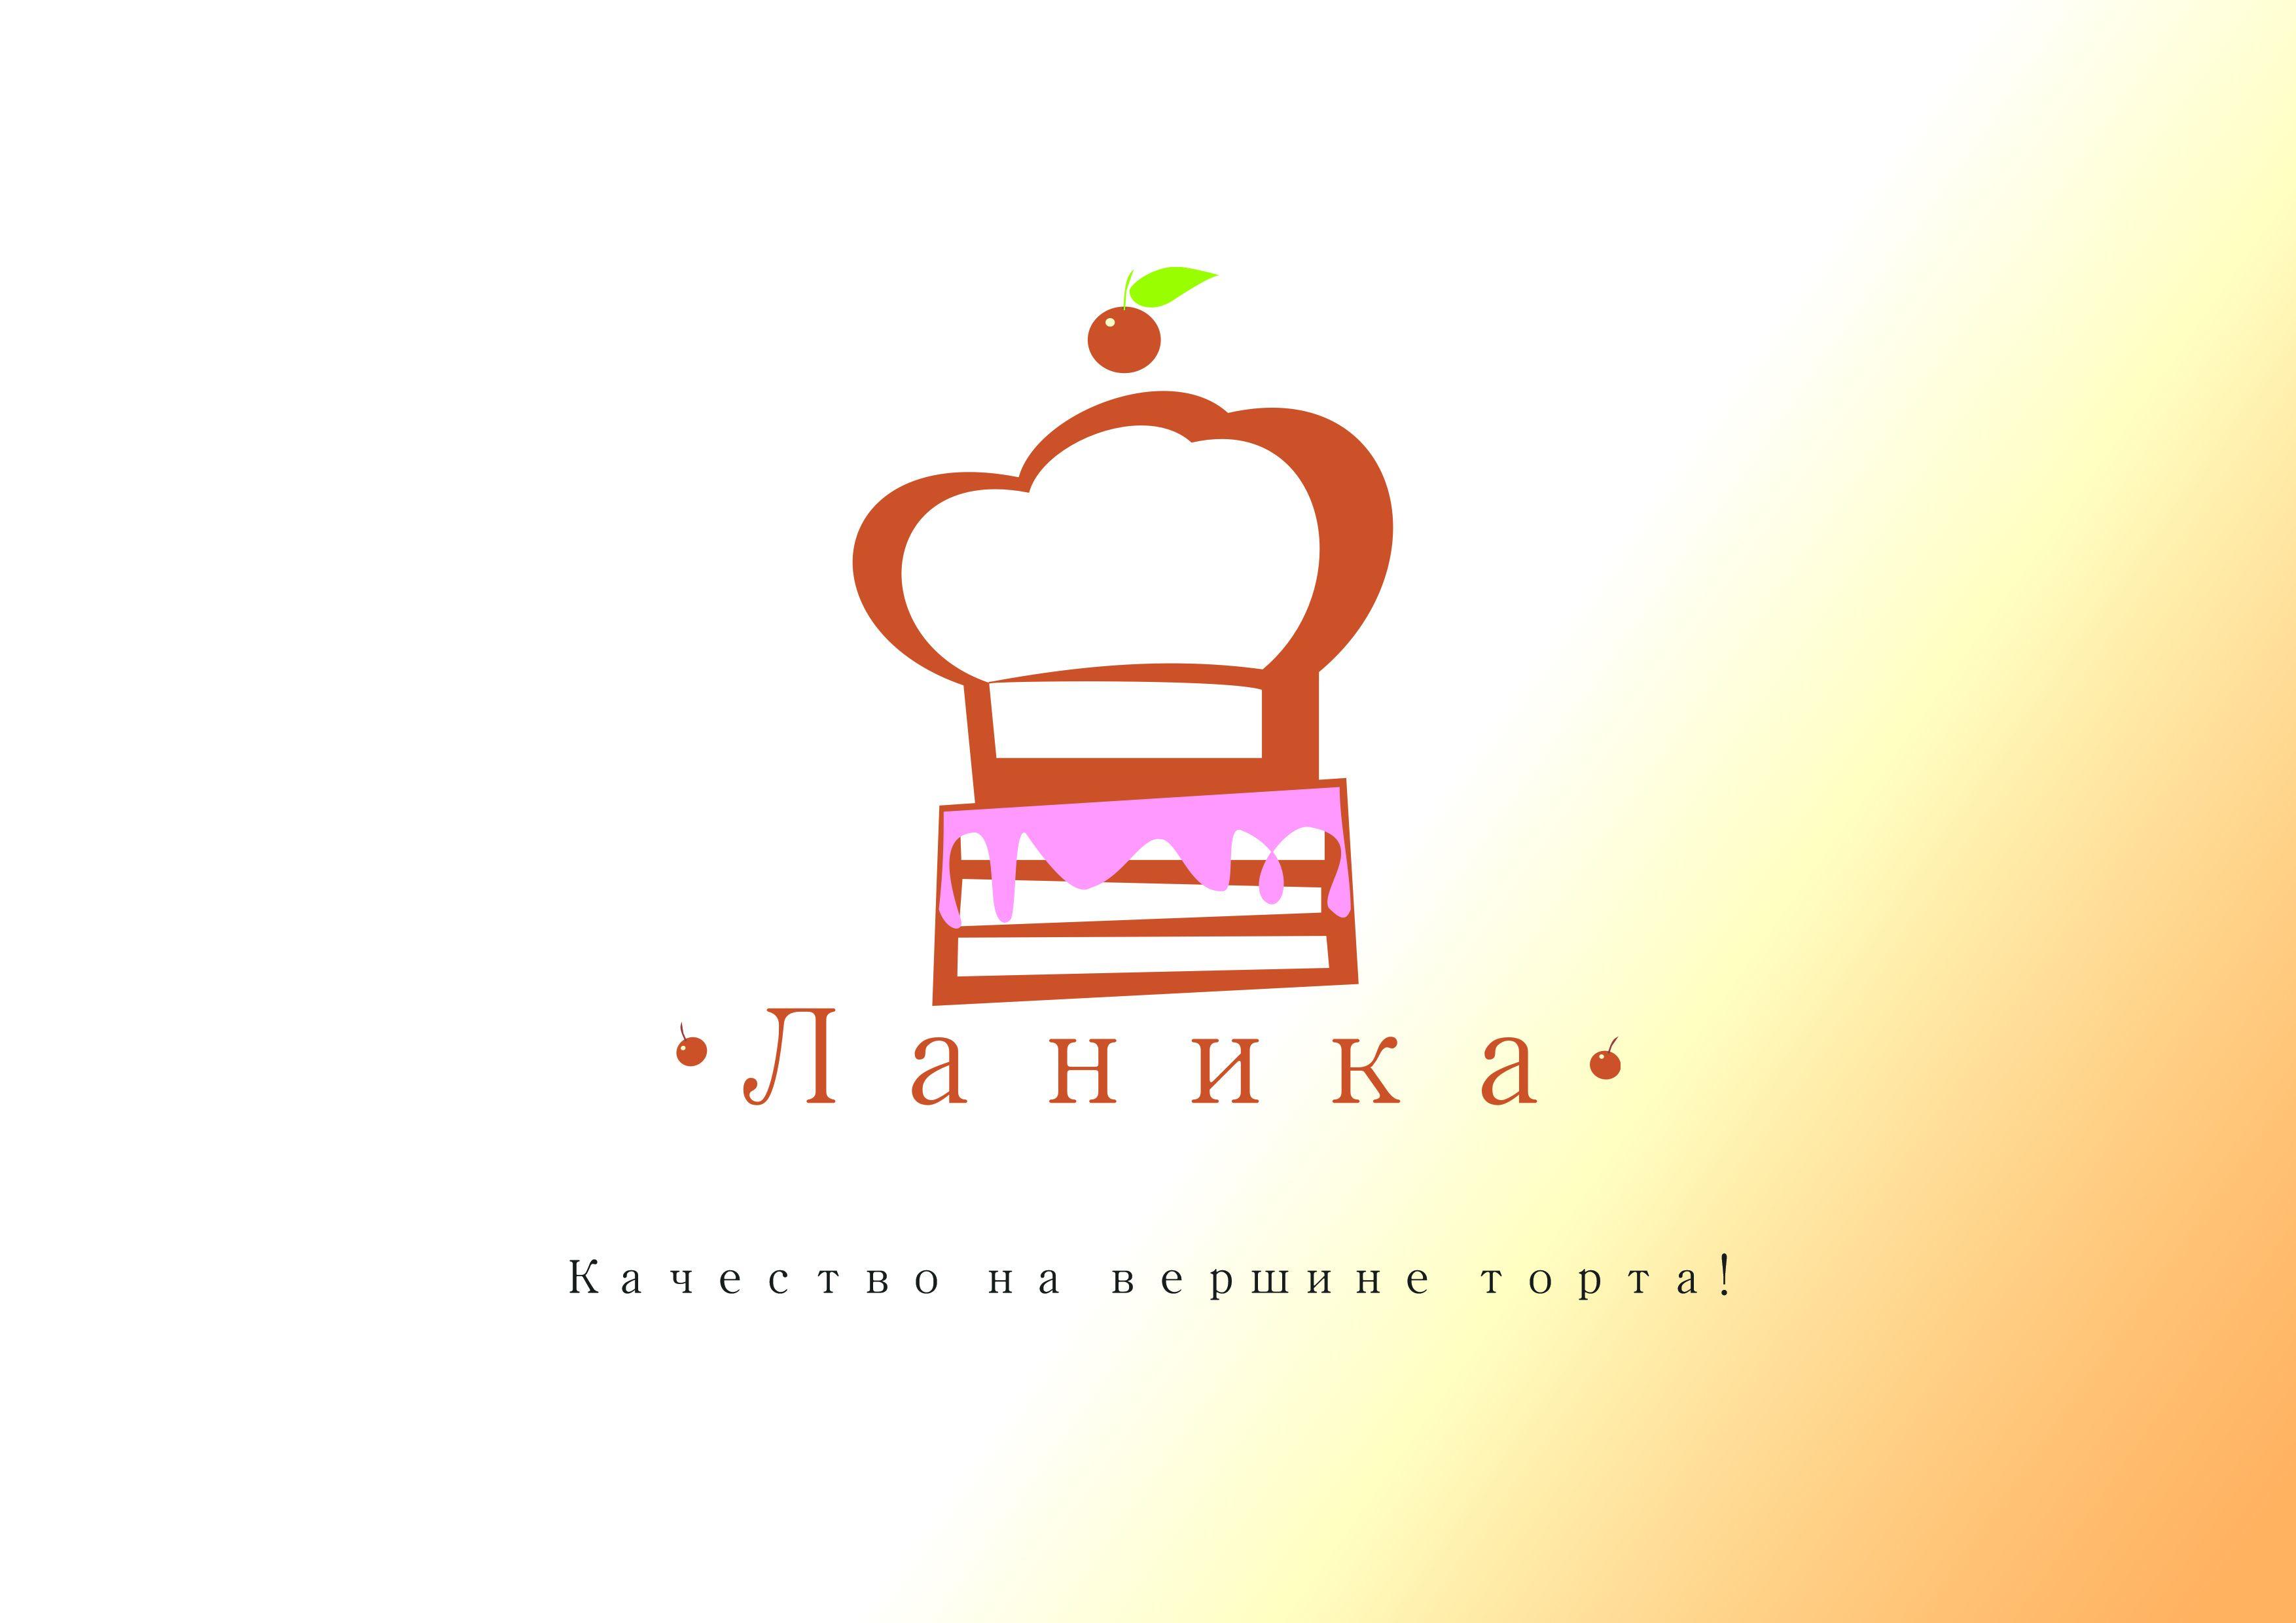 Лого ИМ тортов,пирожных и печенья ручной работы - дизайнер Alis